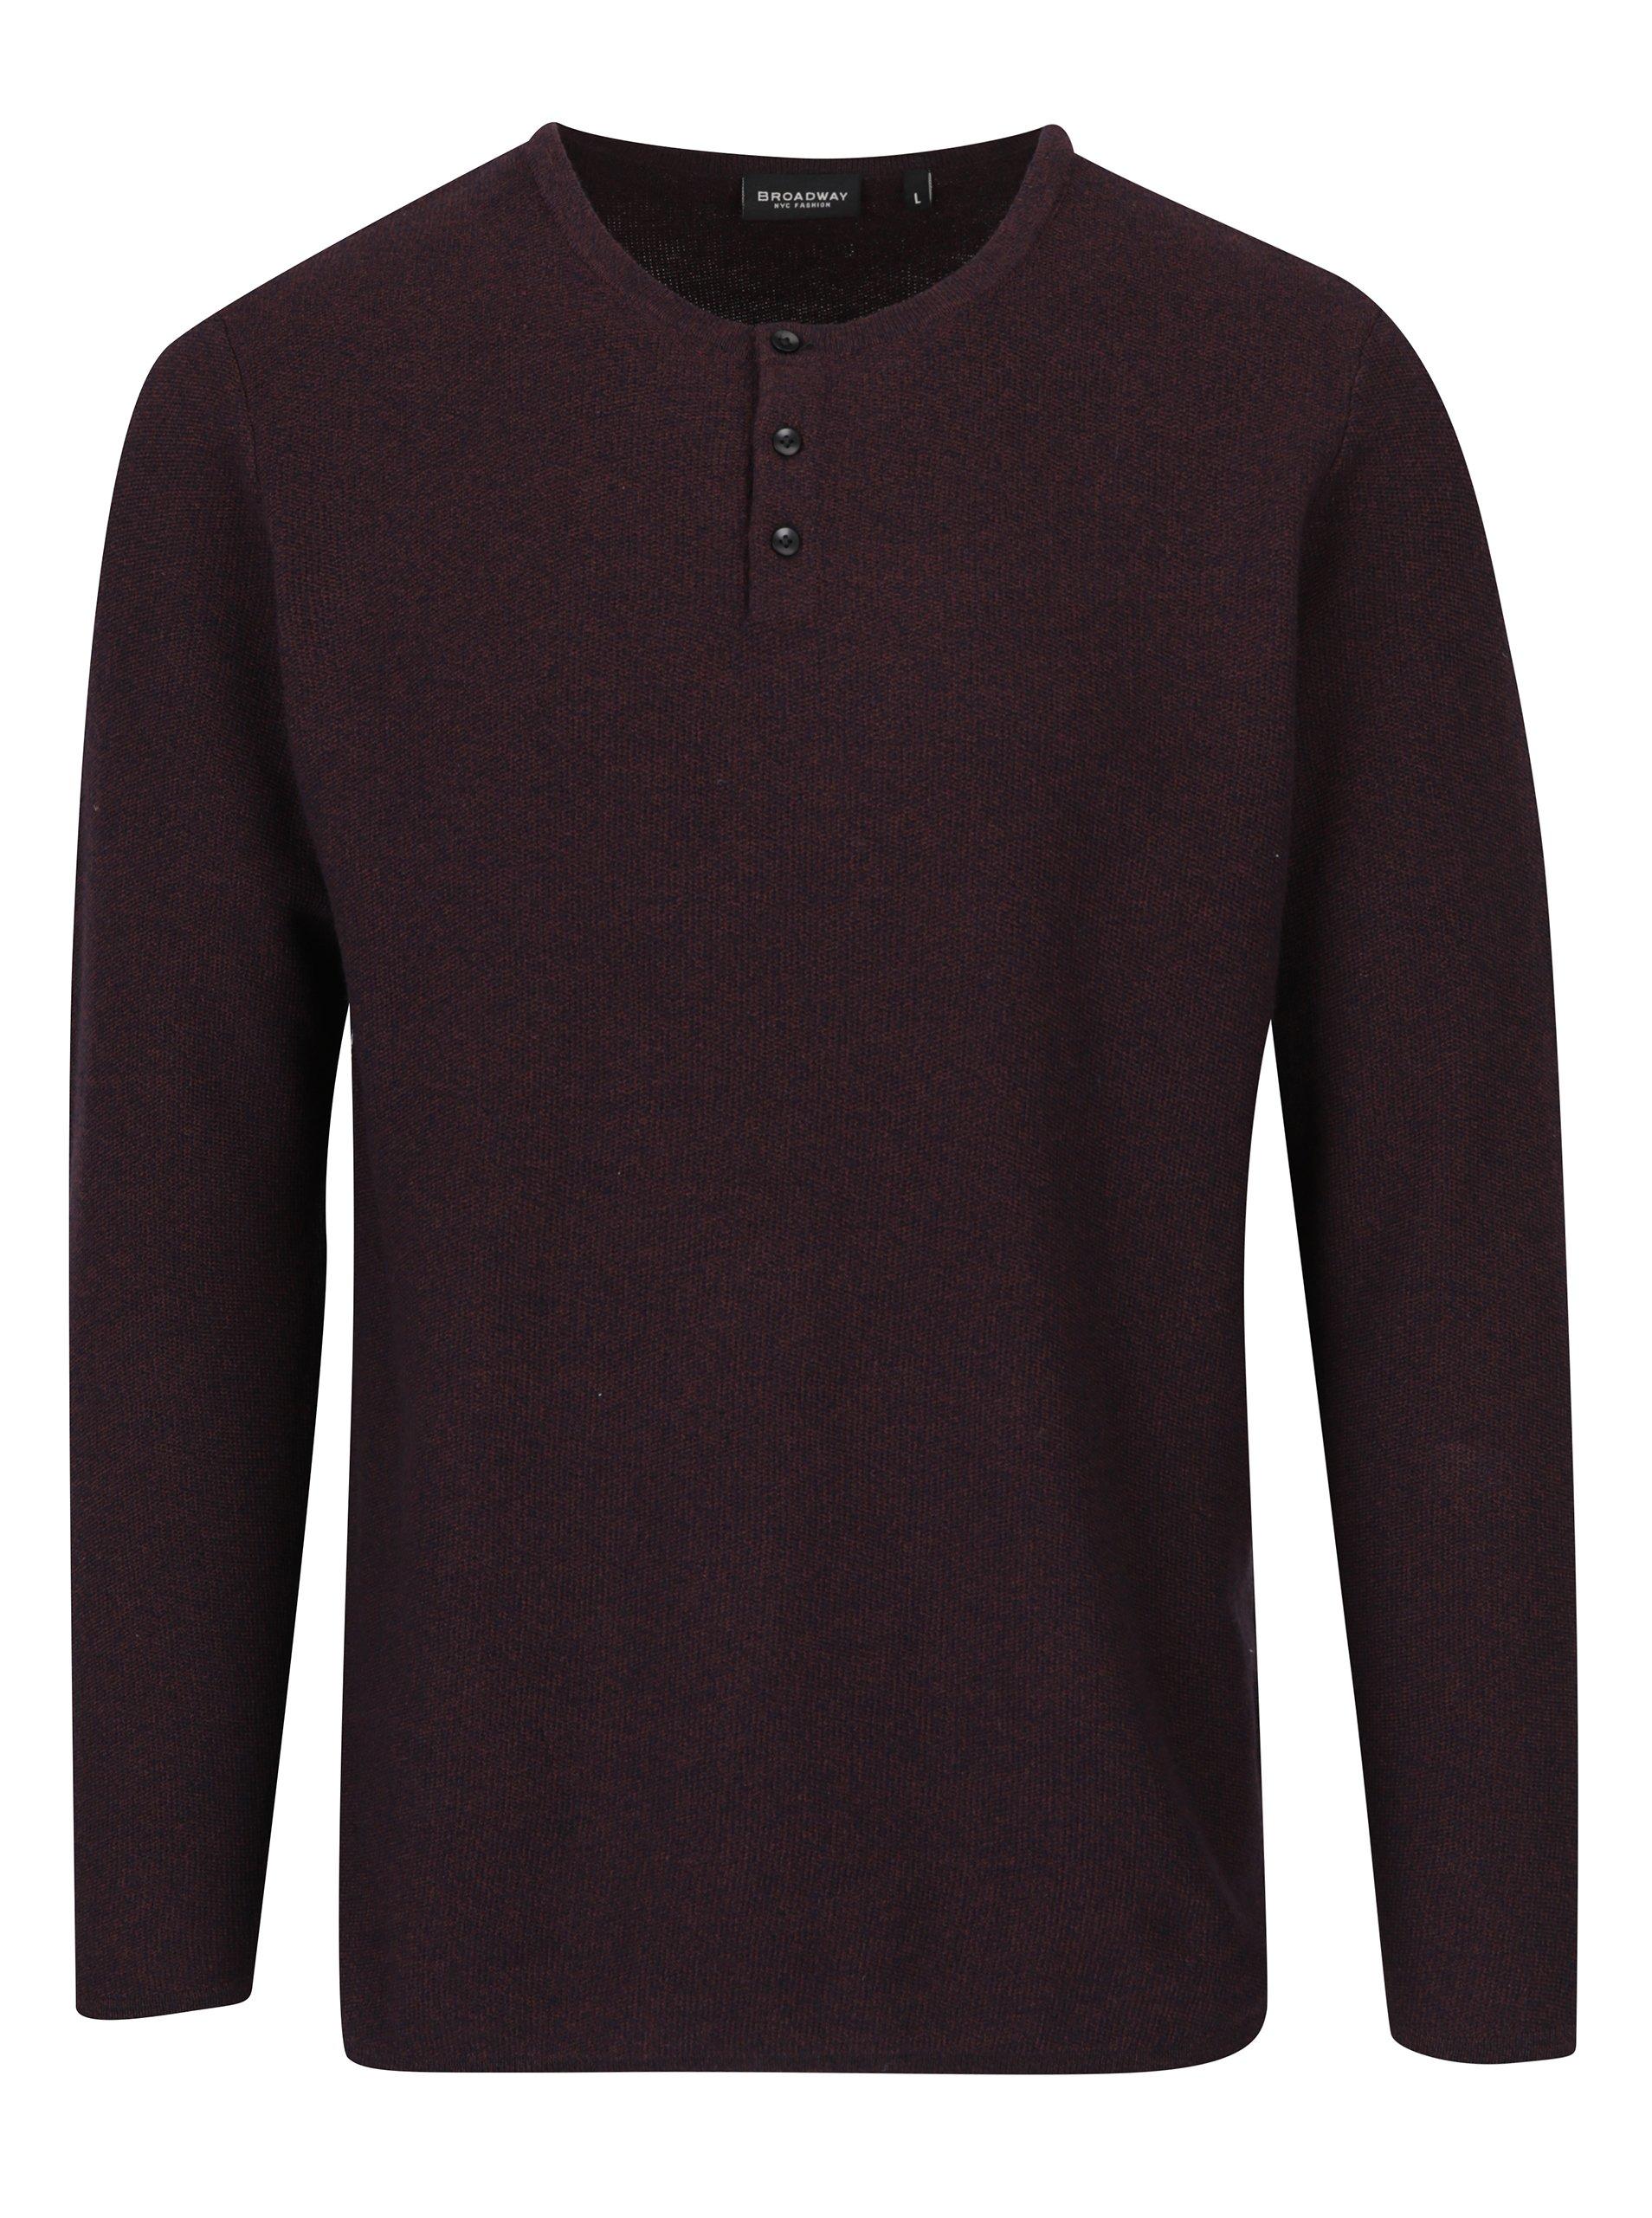 Tmavě fialový žíhaný pánský svetr s knoflíky Broadway Nessim